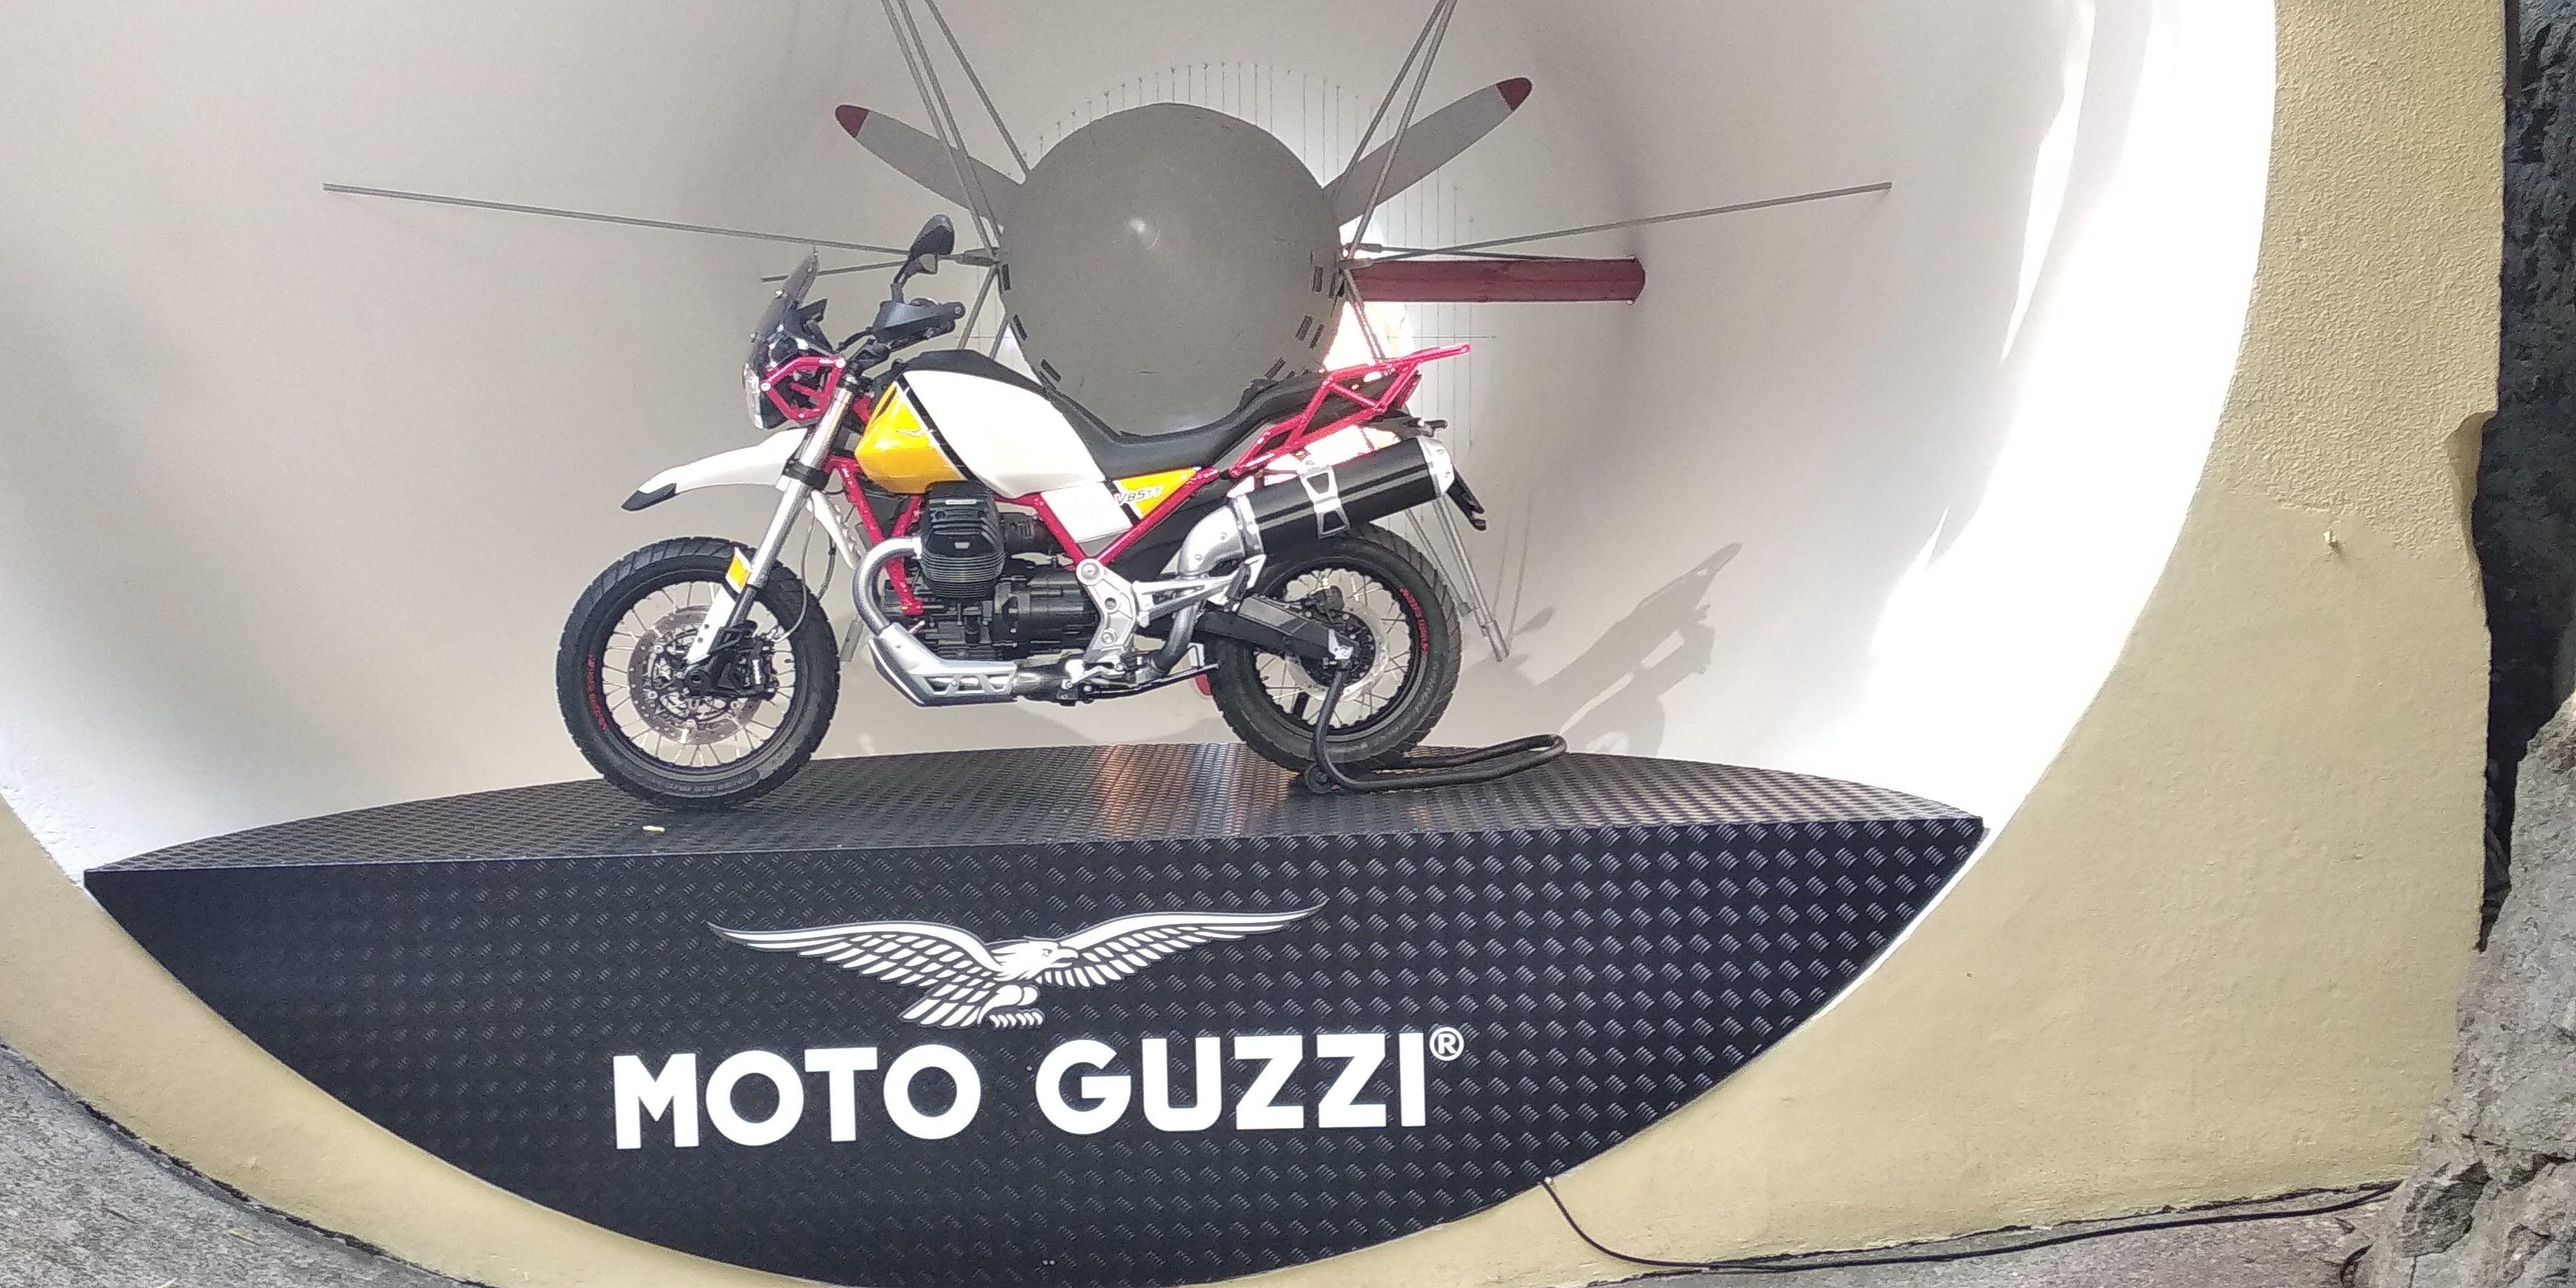 Griso 8v Usata: Moto Guzzi Griso 8v Listino E Scheda